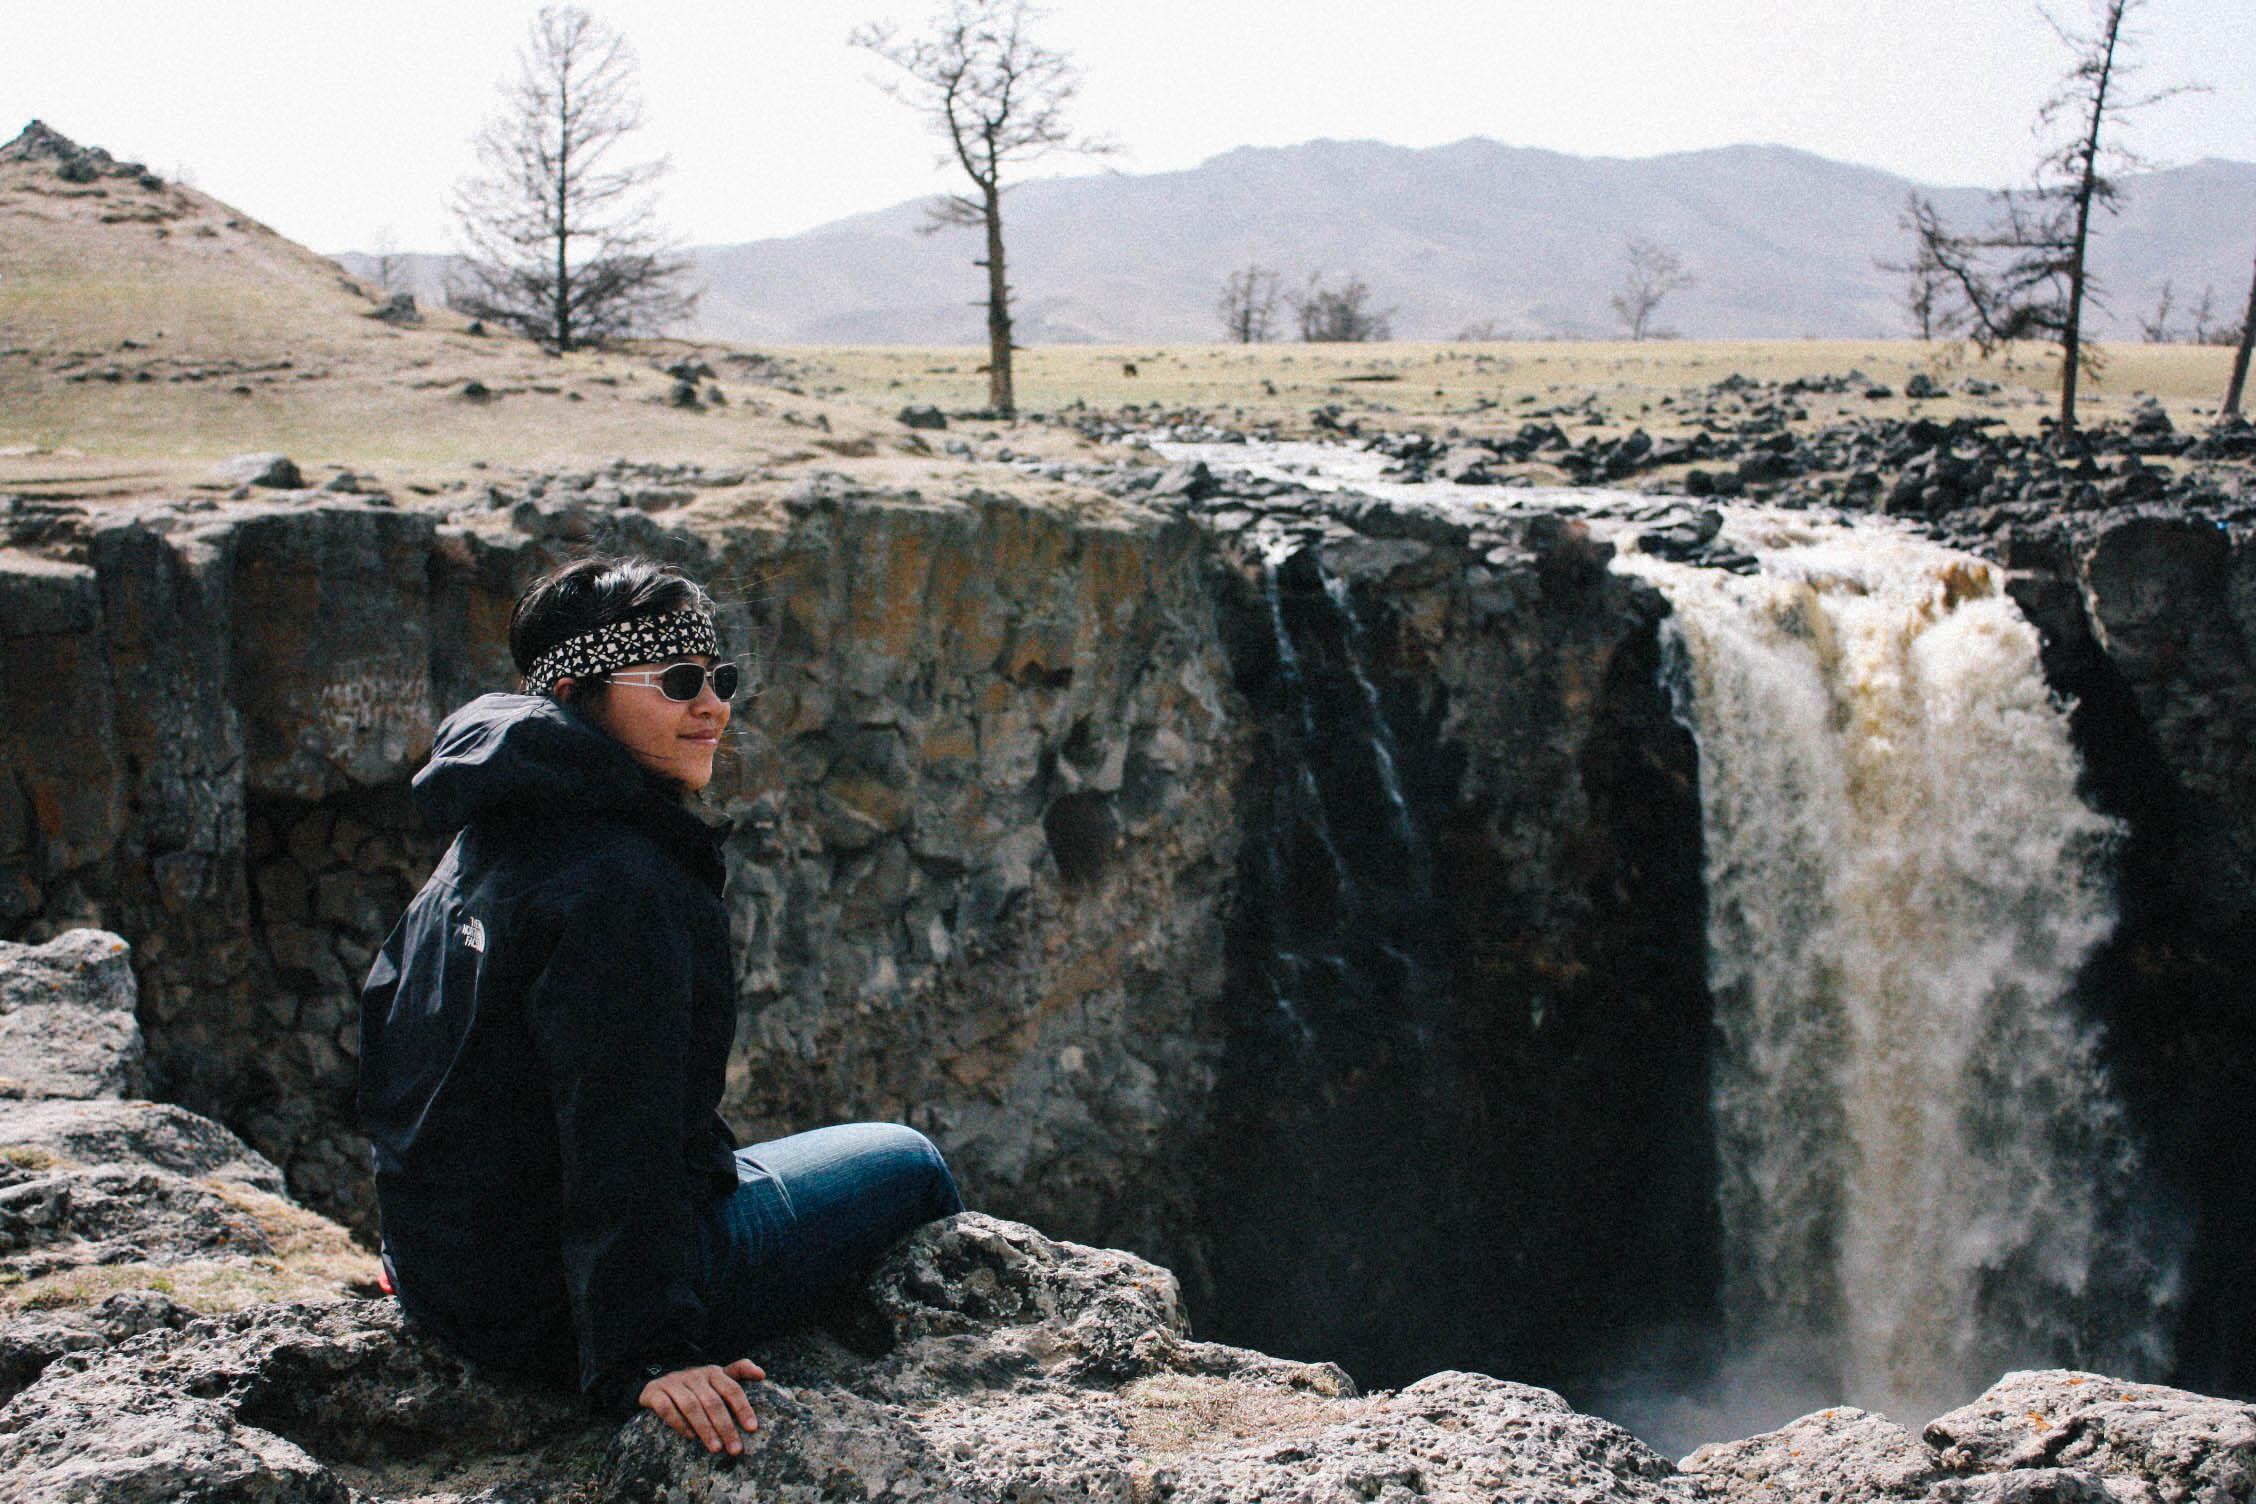 mongolia. 2010.